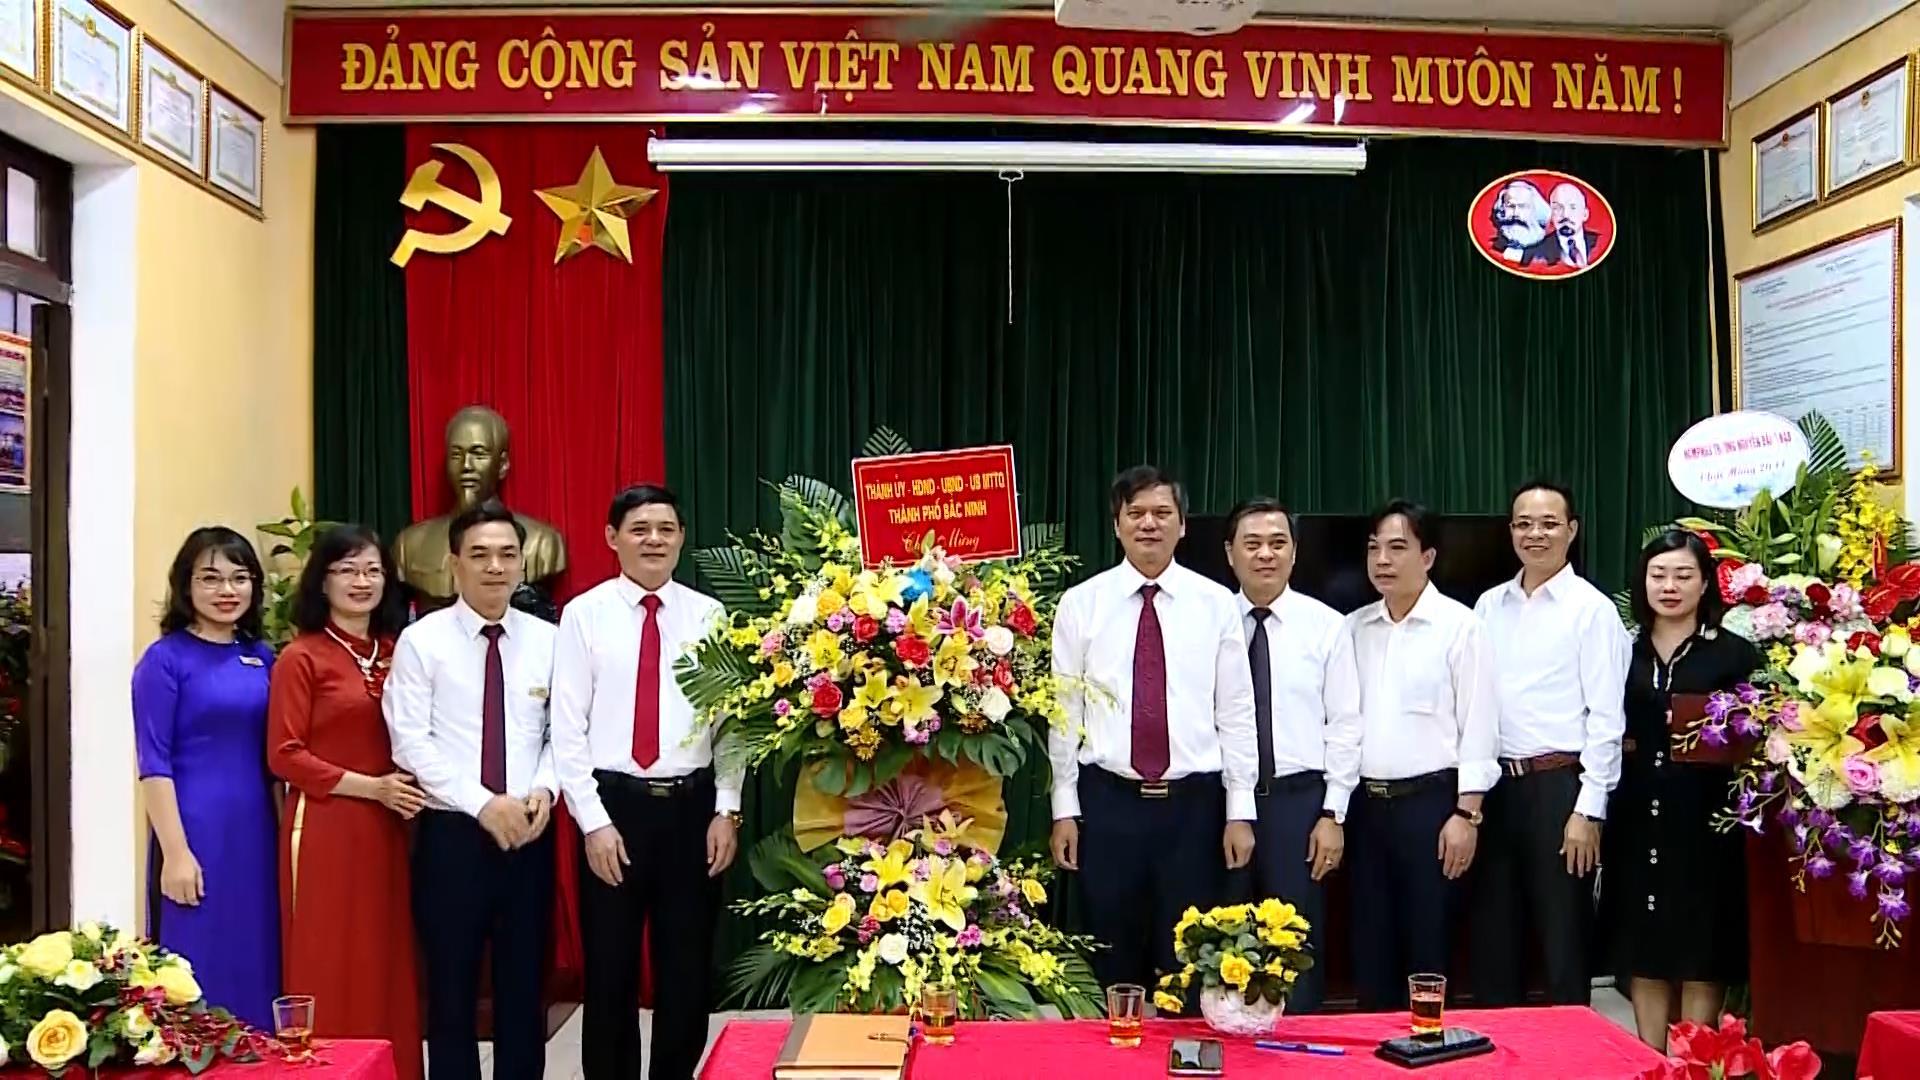 Bí thư Thành ủy Bắc Ninh chúc mừng ngày Nhà giáo Việt Nam 20/11